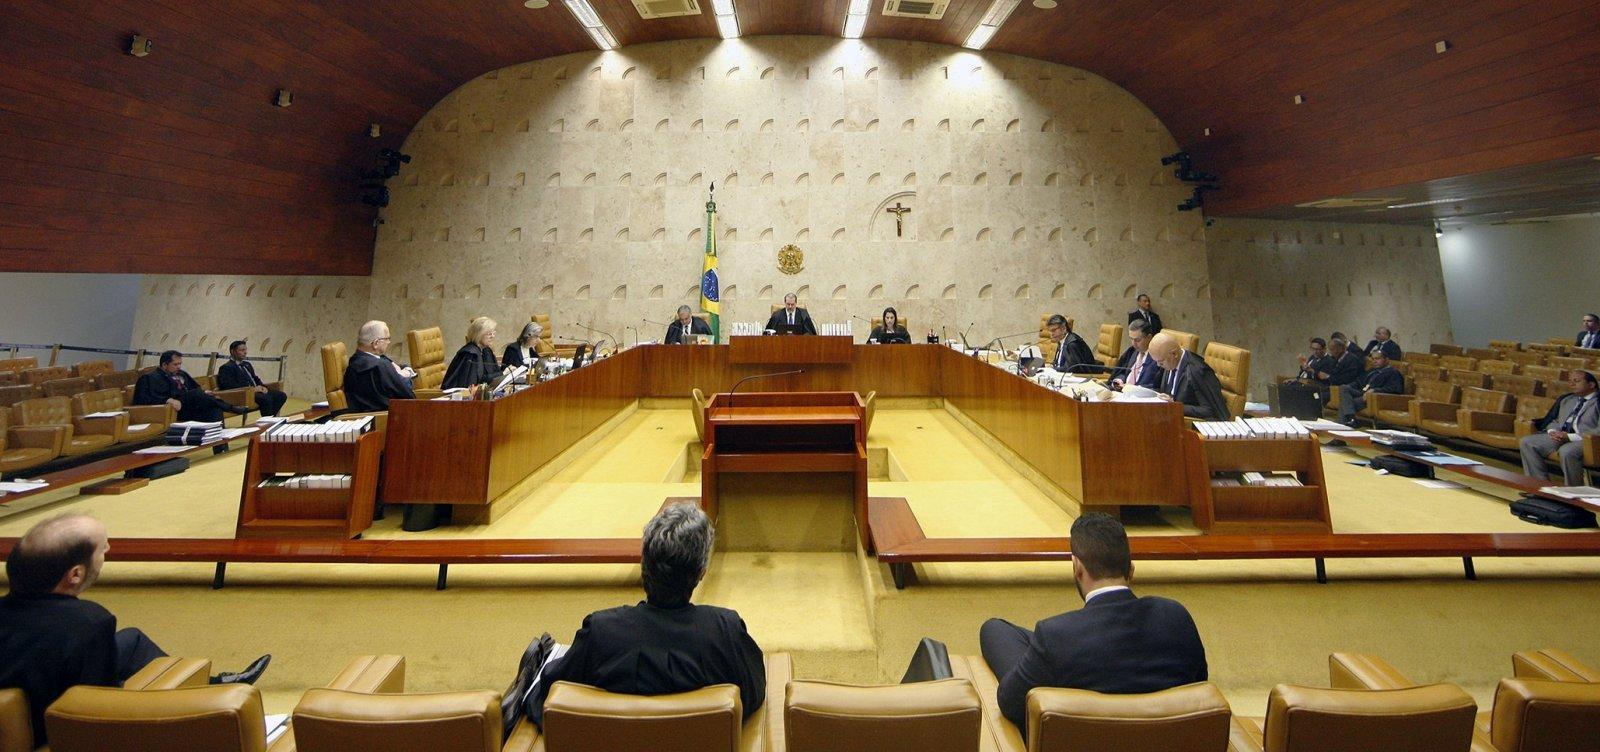 Ministros do STF questionam foro especial para Flávio Bolsonaro